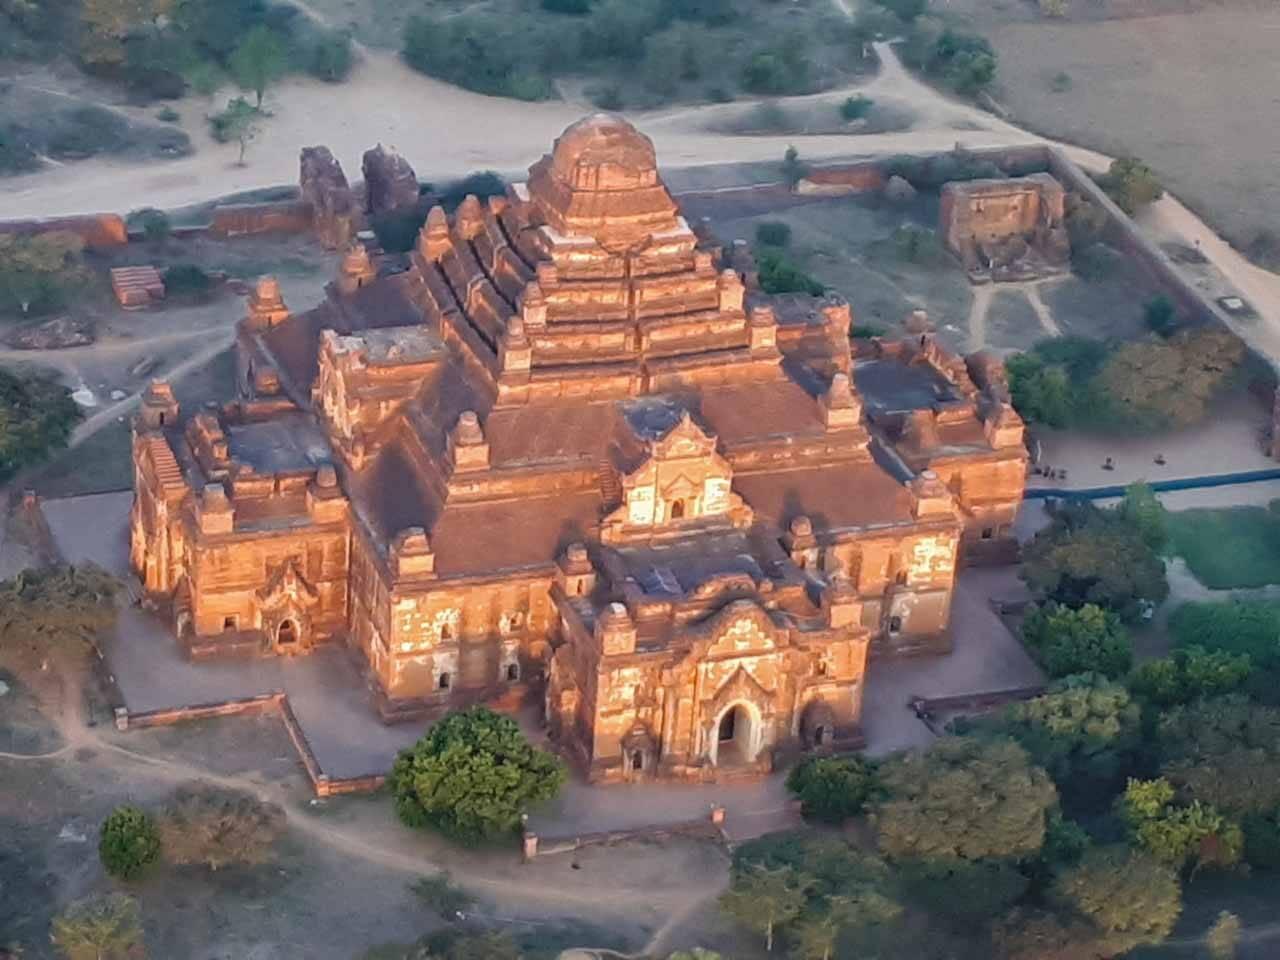 Imagina olhar a quantidade imensa de templos lá de cima no voo de balão em Bagan?